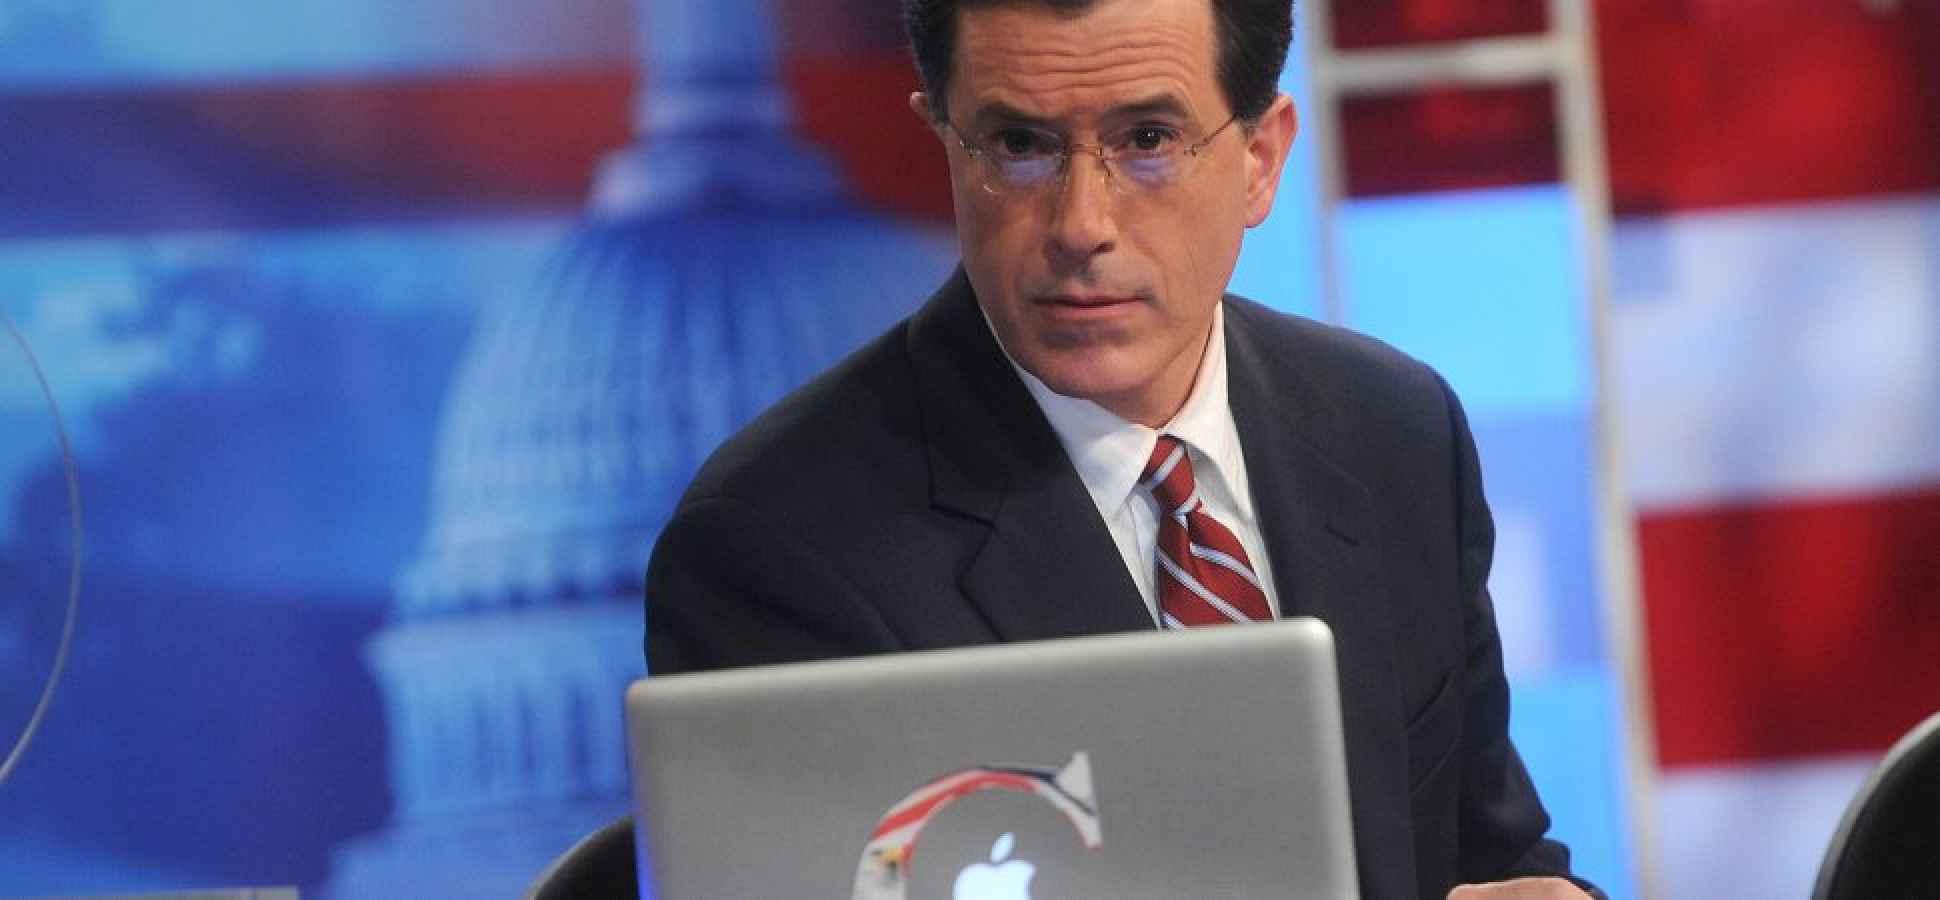 The Best Entrepreneurship Lessons From 'The Colbert Report'